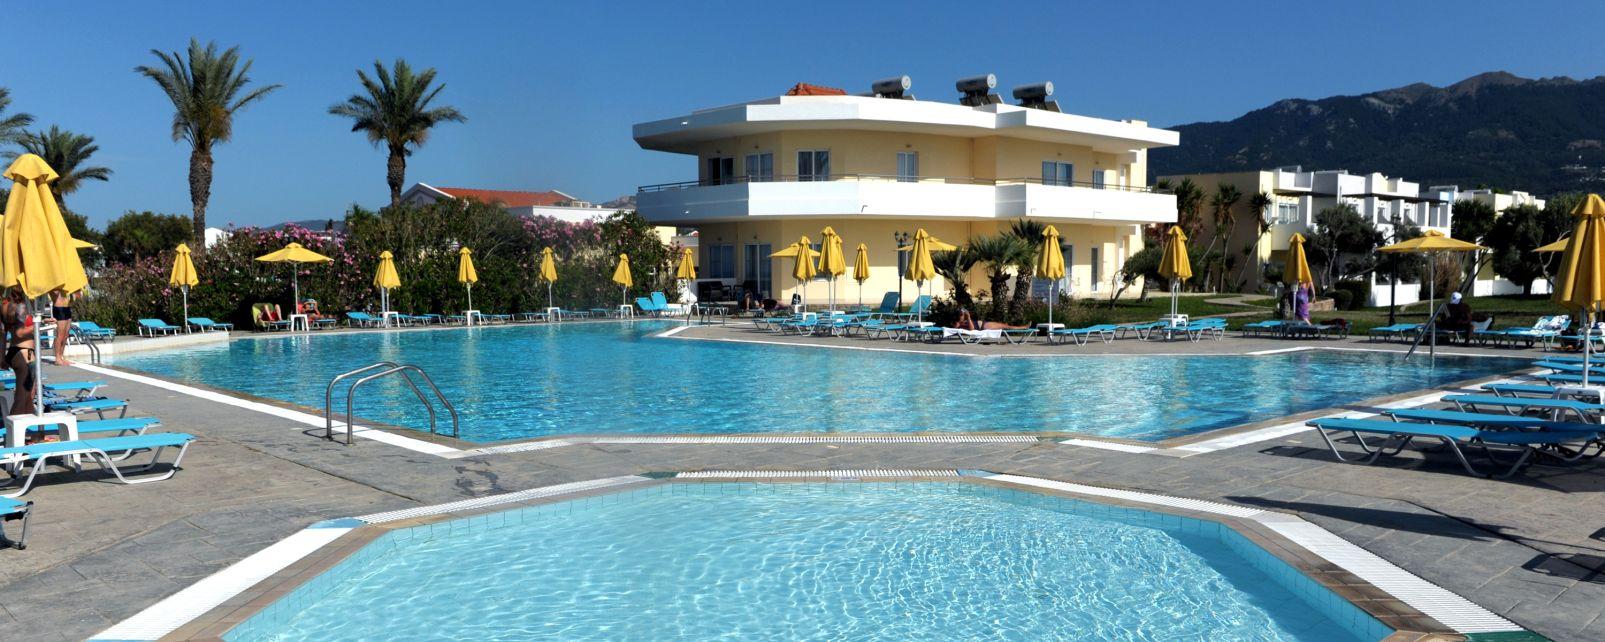 Photo gallery zorbas beach hotel hotel kos - Club Marmara Zorbas Beach